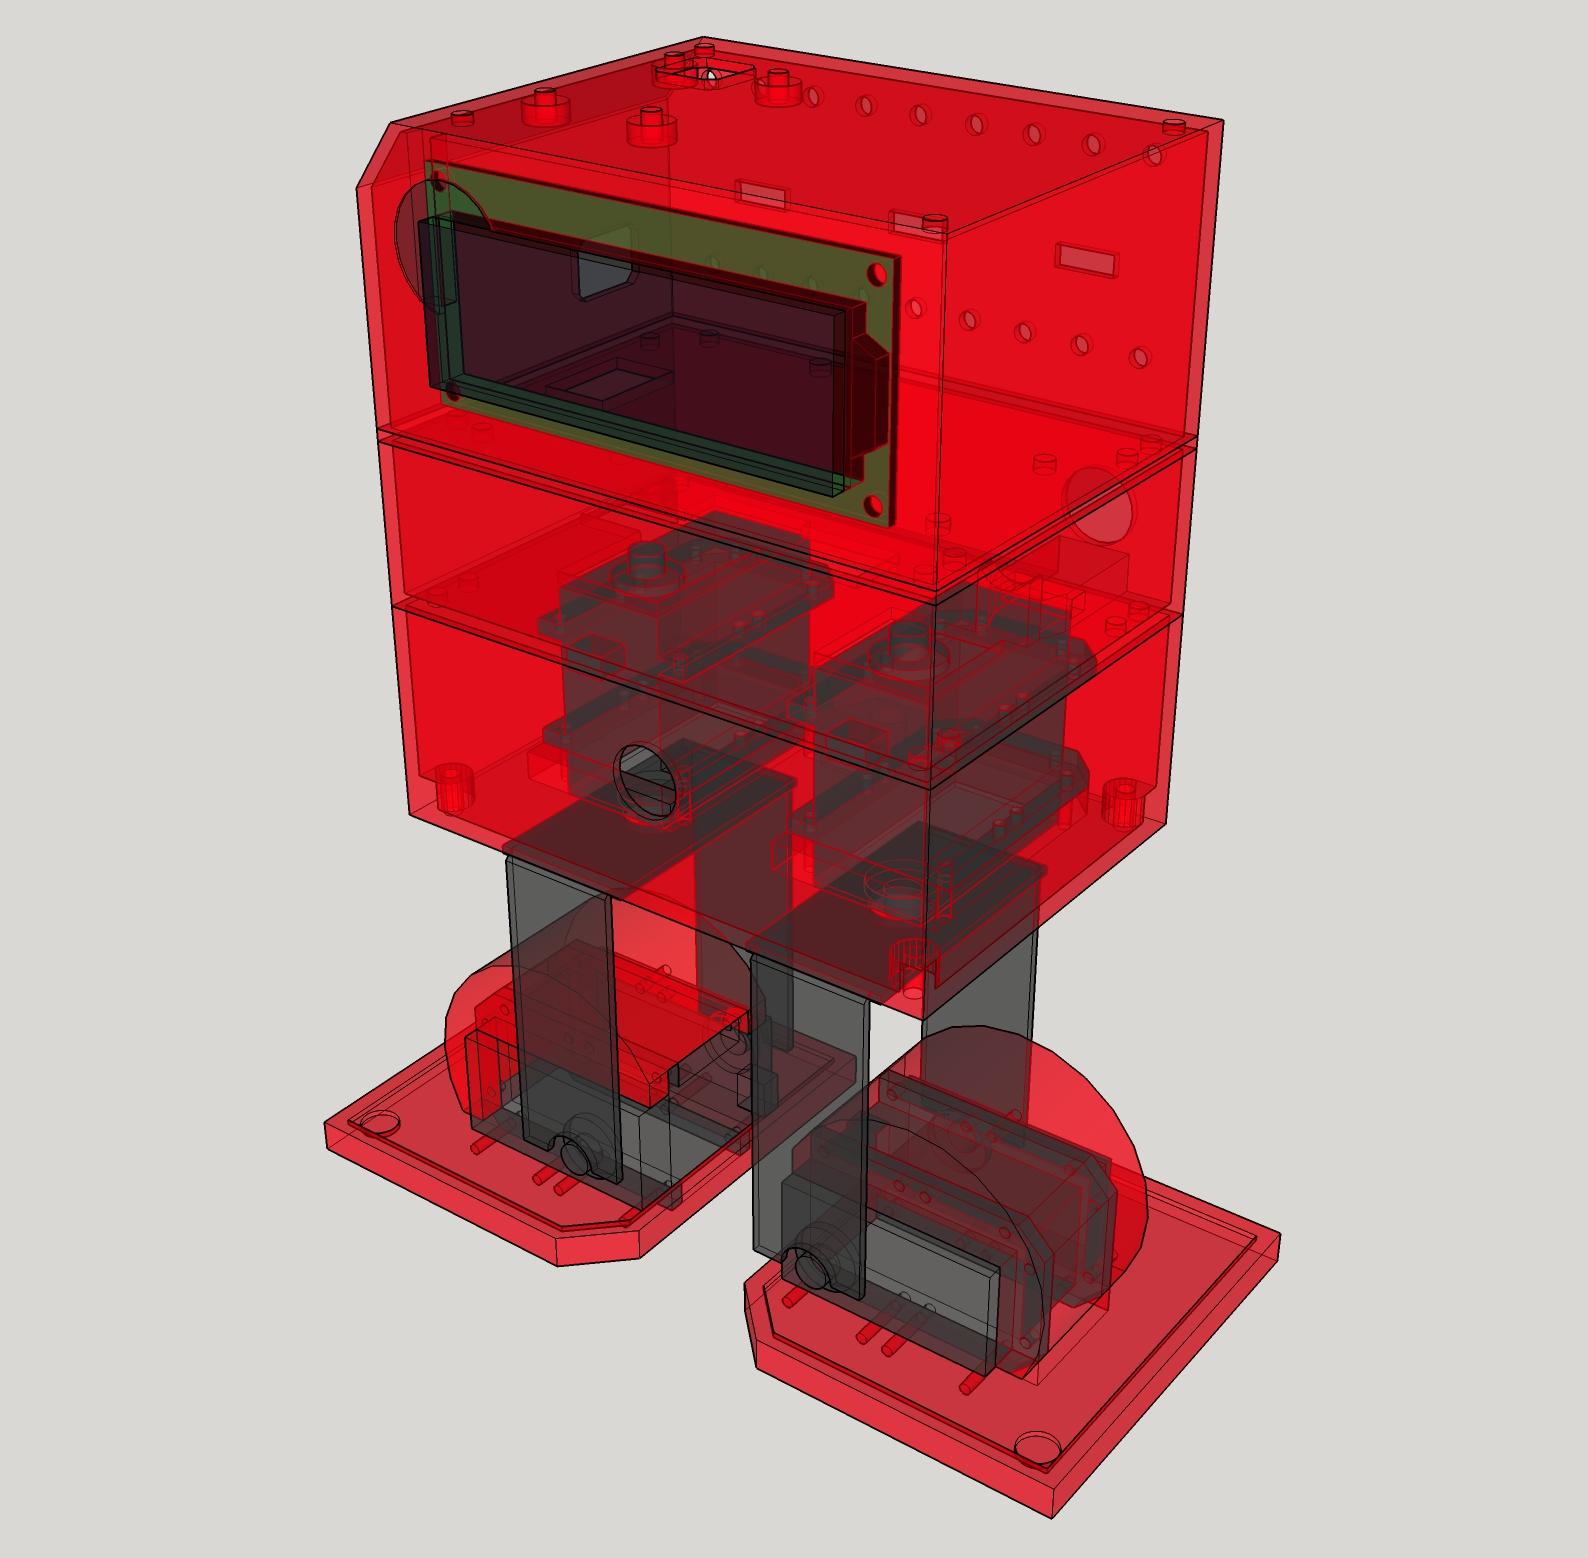 Robotgeek chip e open source arduino d printed biped